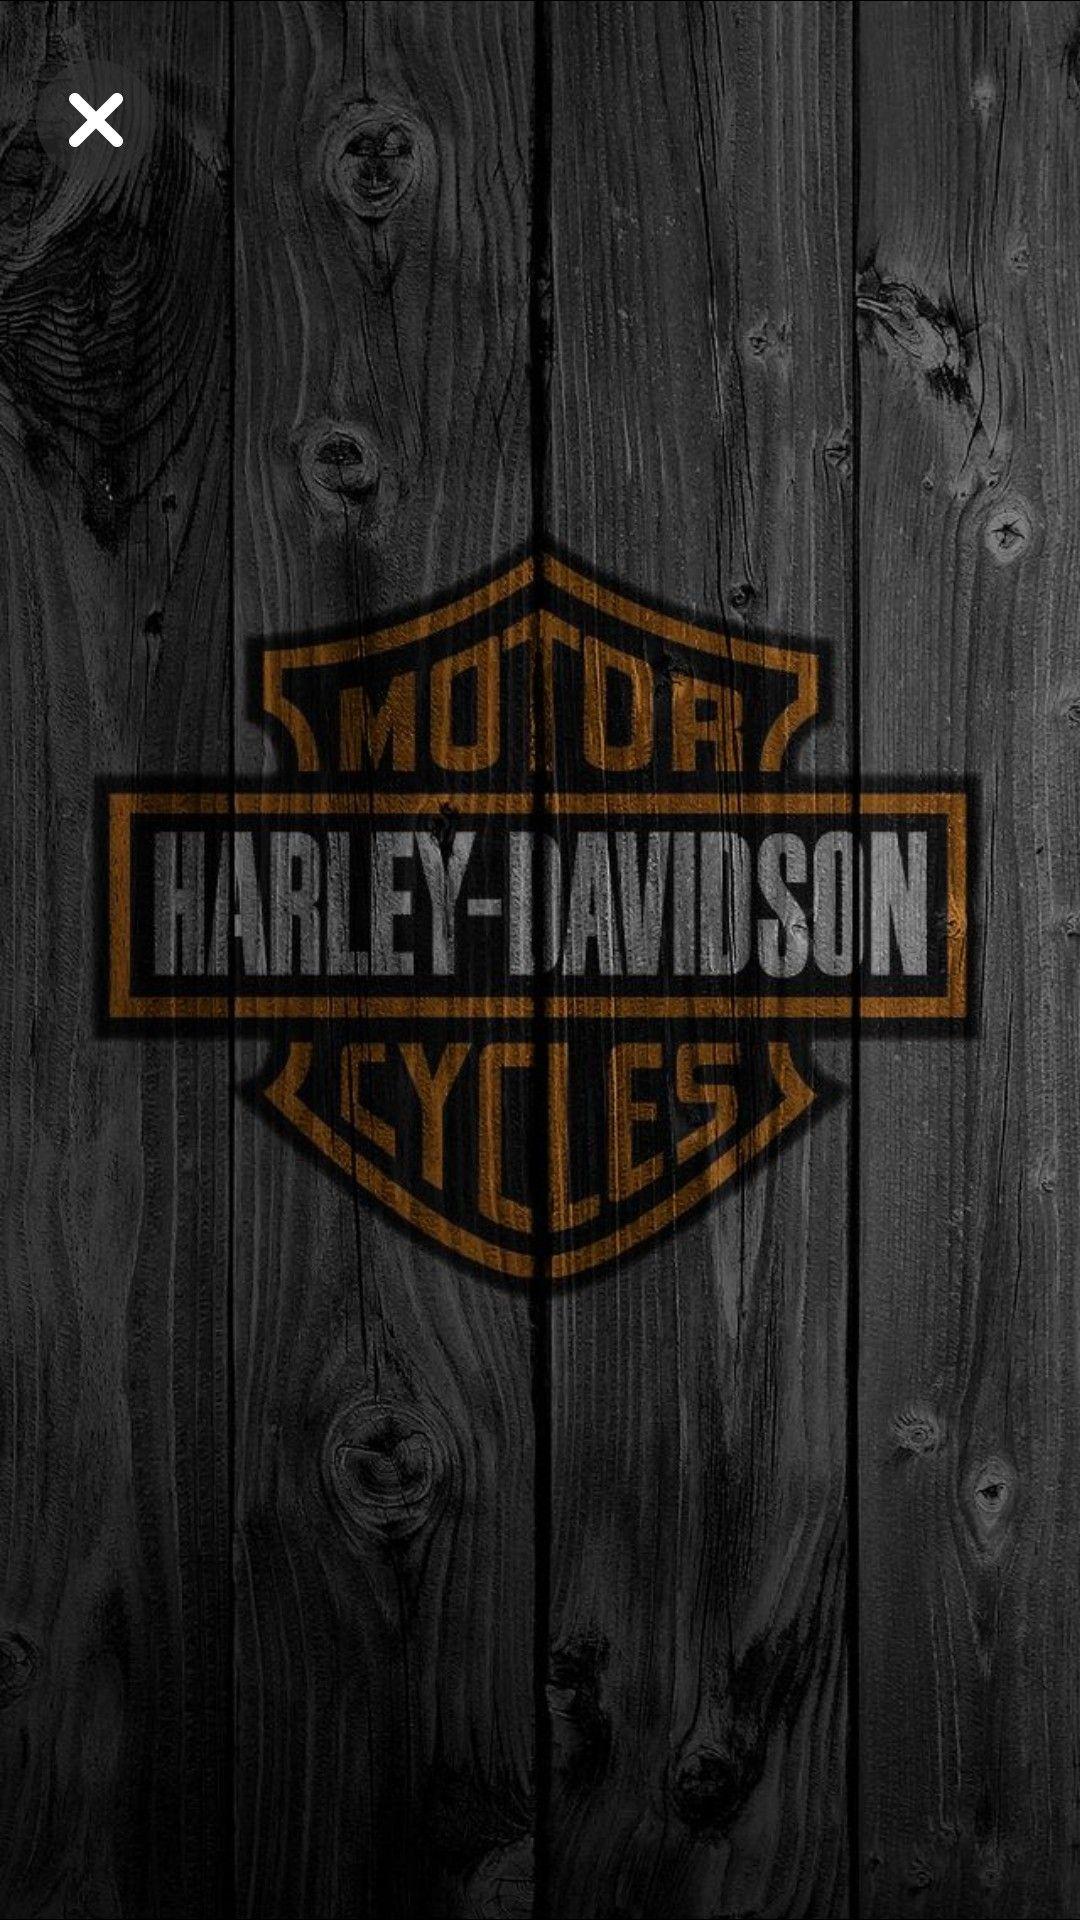 Sons おしゃれまとめの人気アイデア Pinterest Manos Vlachojhon ハーレーダビッドソンバイク ハーレーダビッドソン 木目調の壁紙